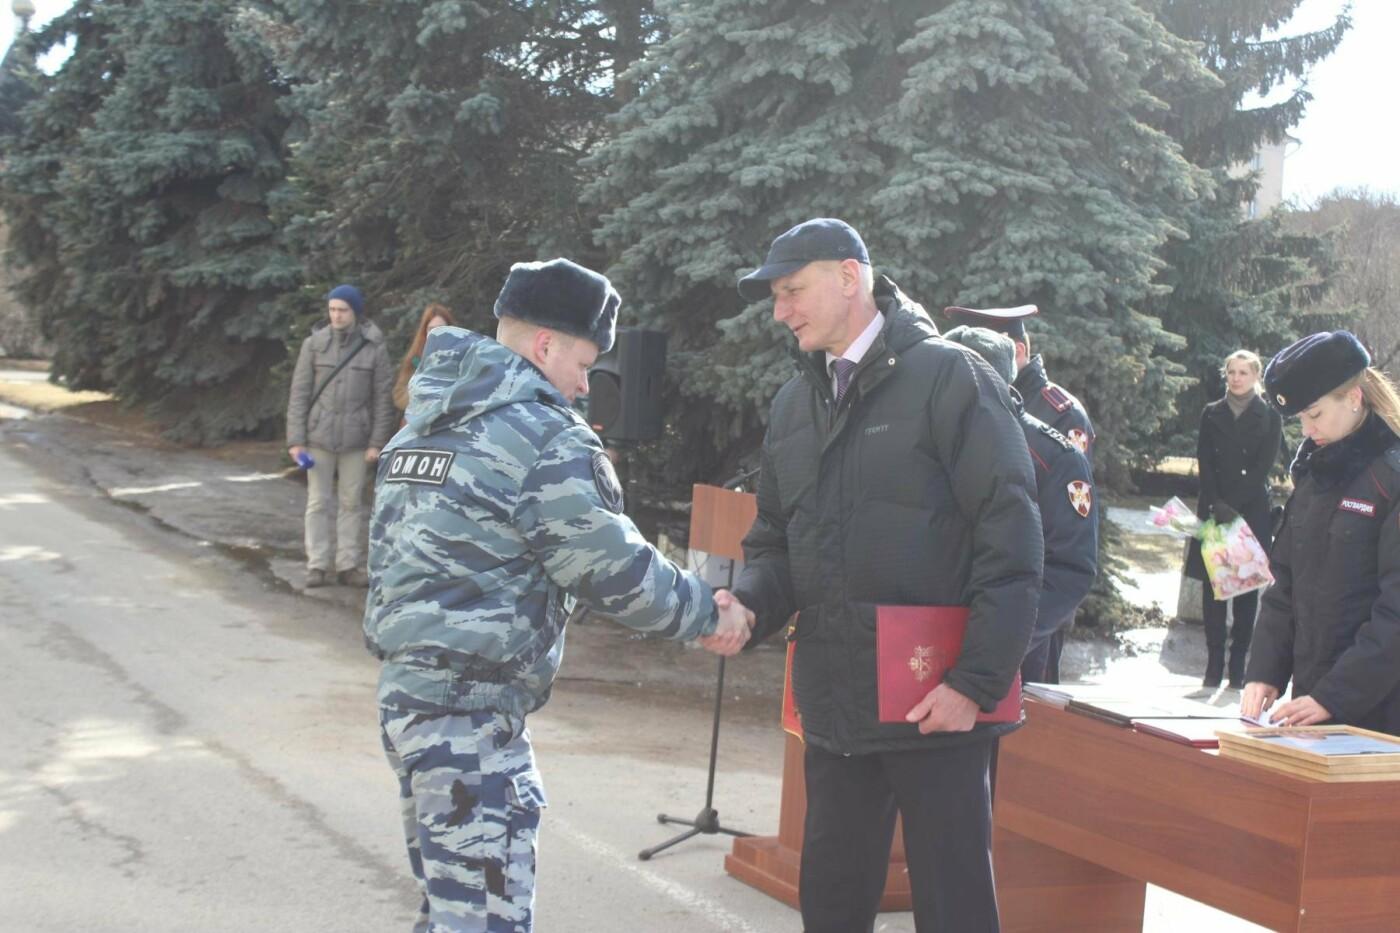 В Пскове состоялся гарнизонный развод нарядов Росгвардии, заступающих на службу по охране общественного порядка, фото-4